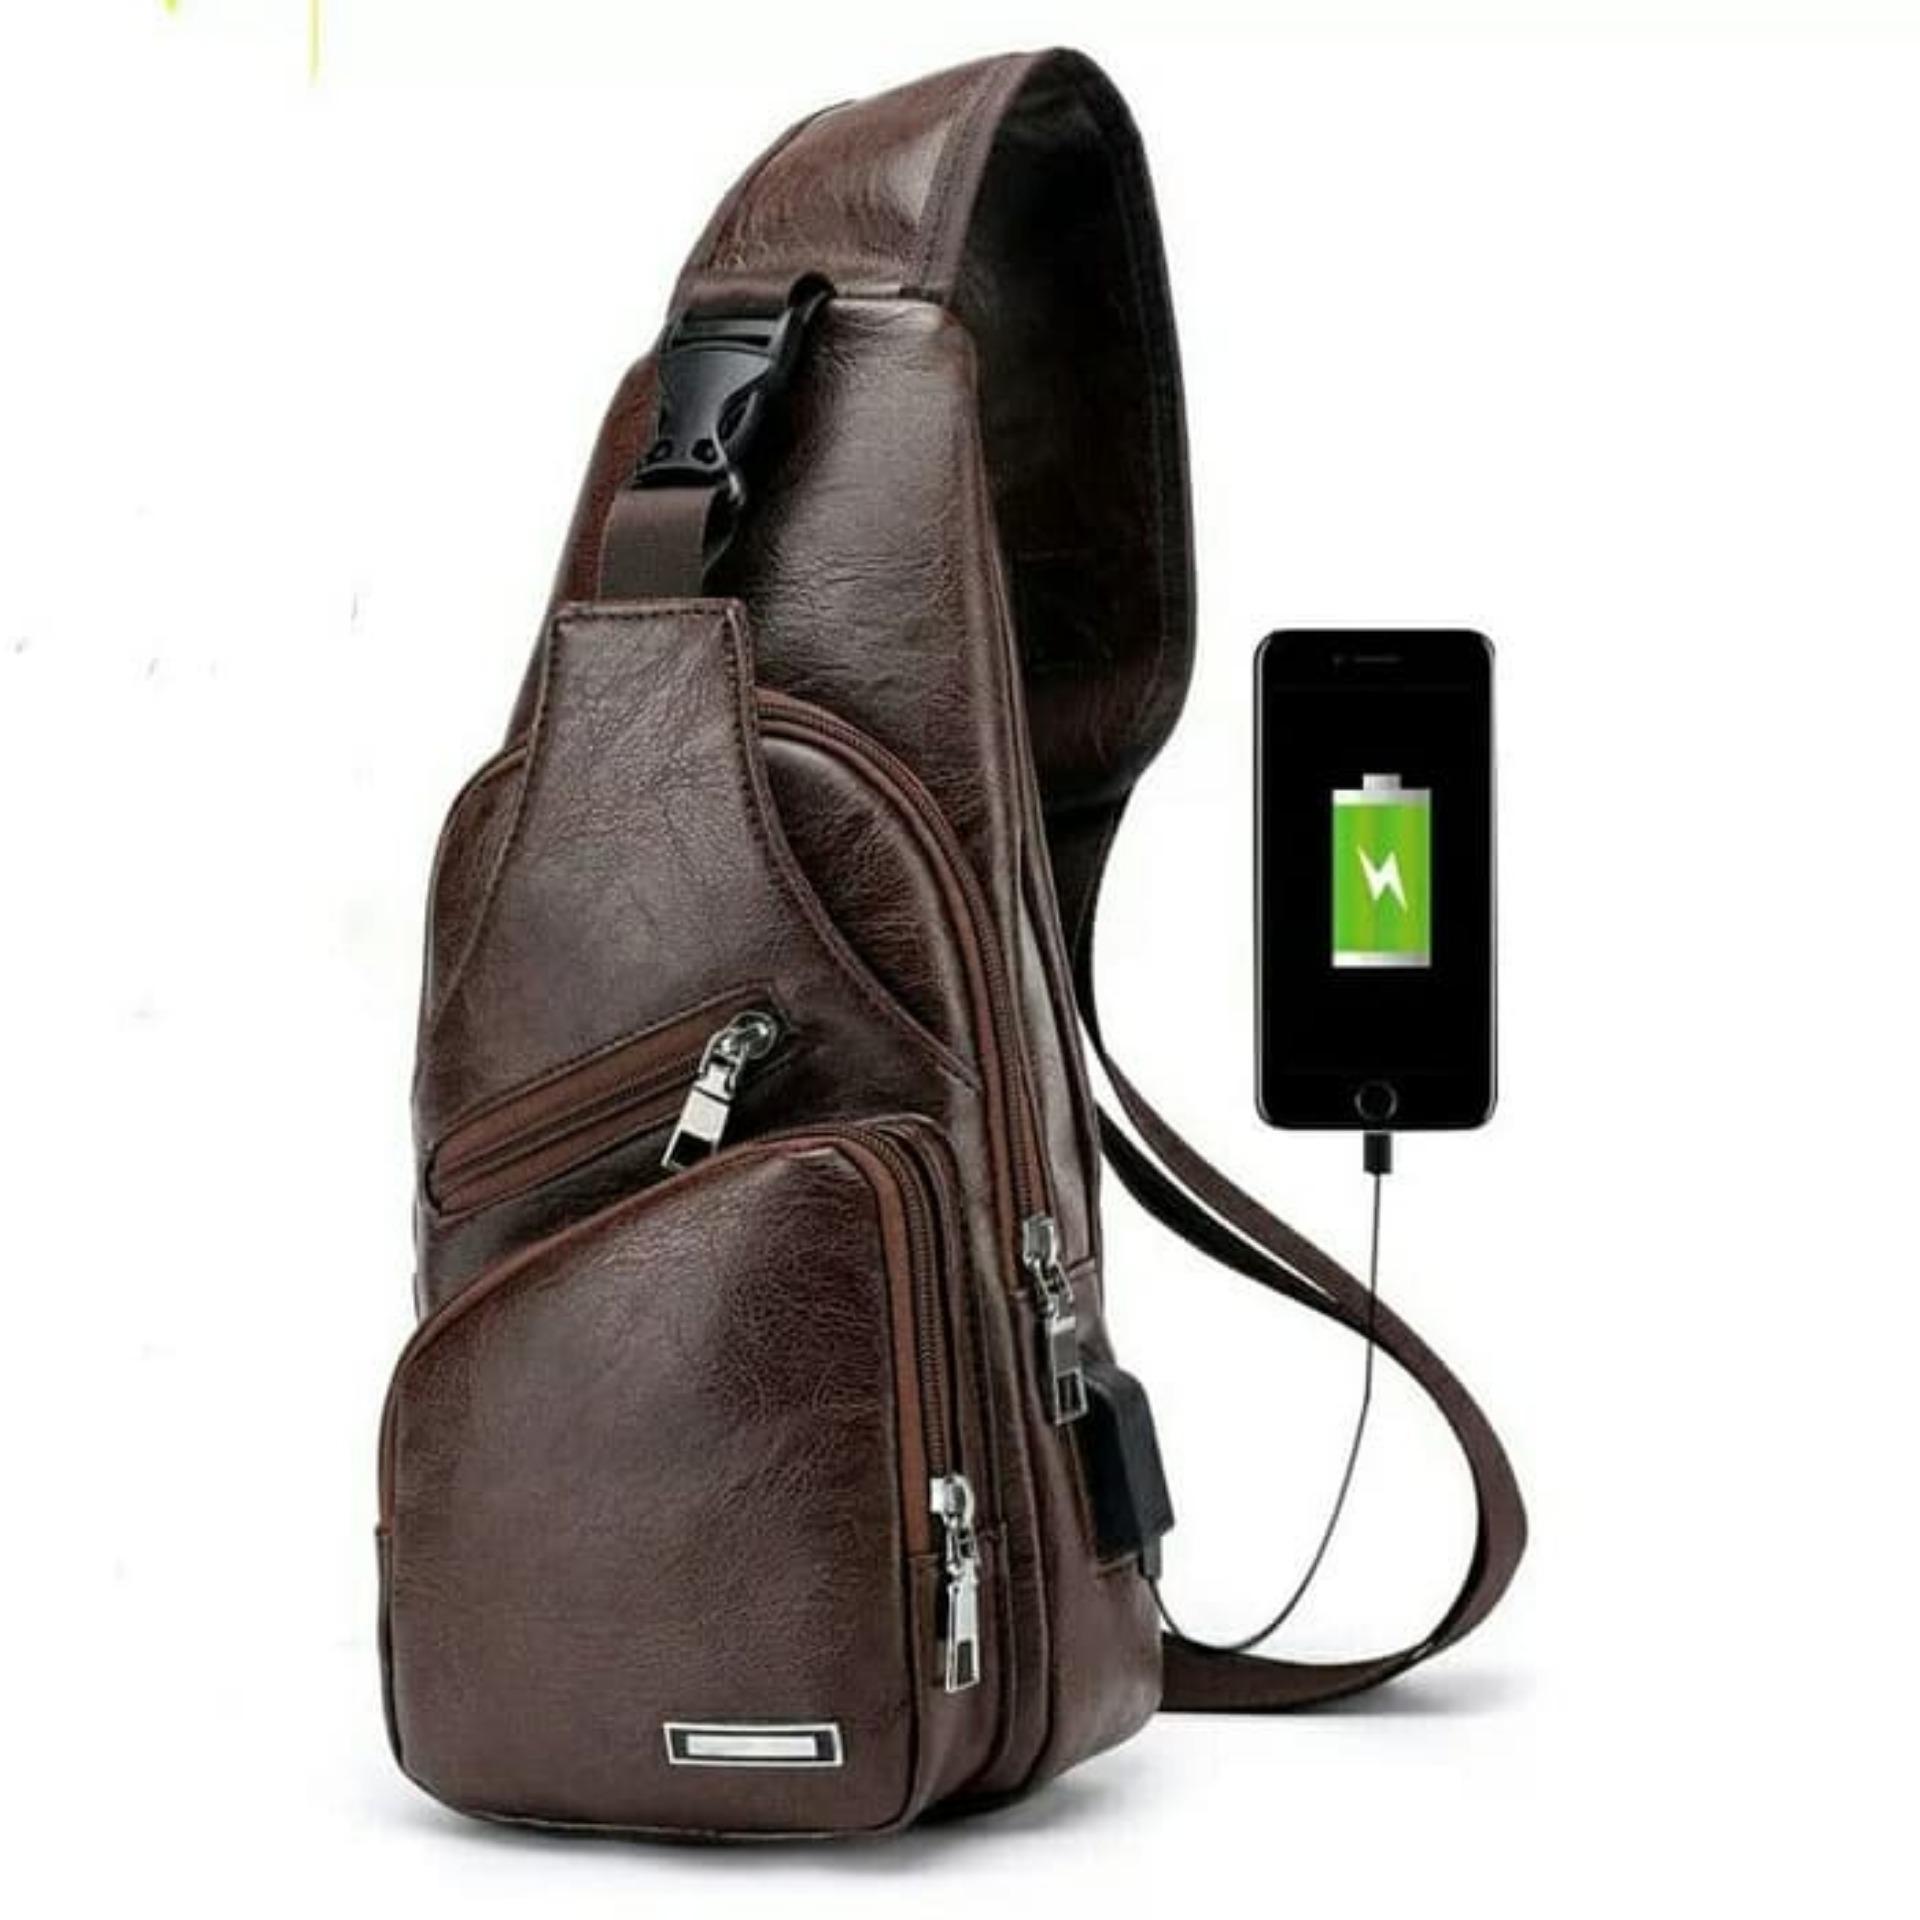 Tas Selempang NEW KULIT Pria Sling Bag Kulit USB Port 3bfd99c01e